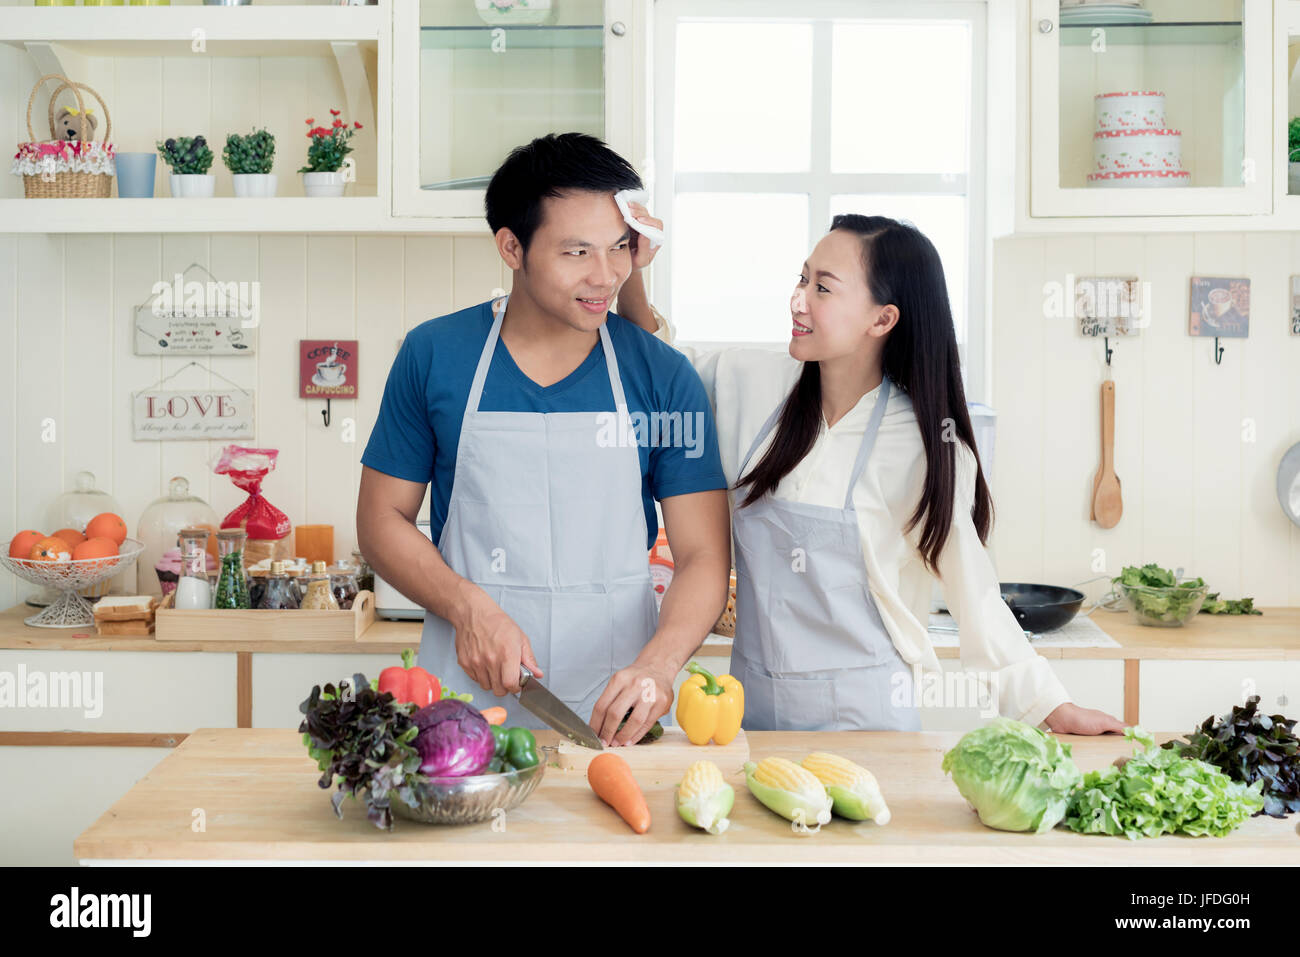 Belle jeune femme asiatique aidant à sec mari sueur sur son visage dans la cuisine à la maison. Heureux Photo Stock